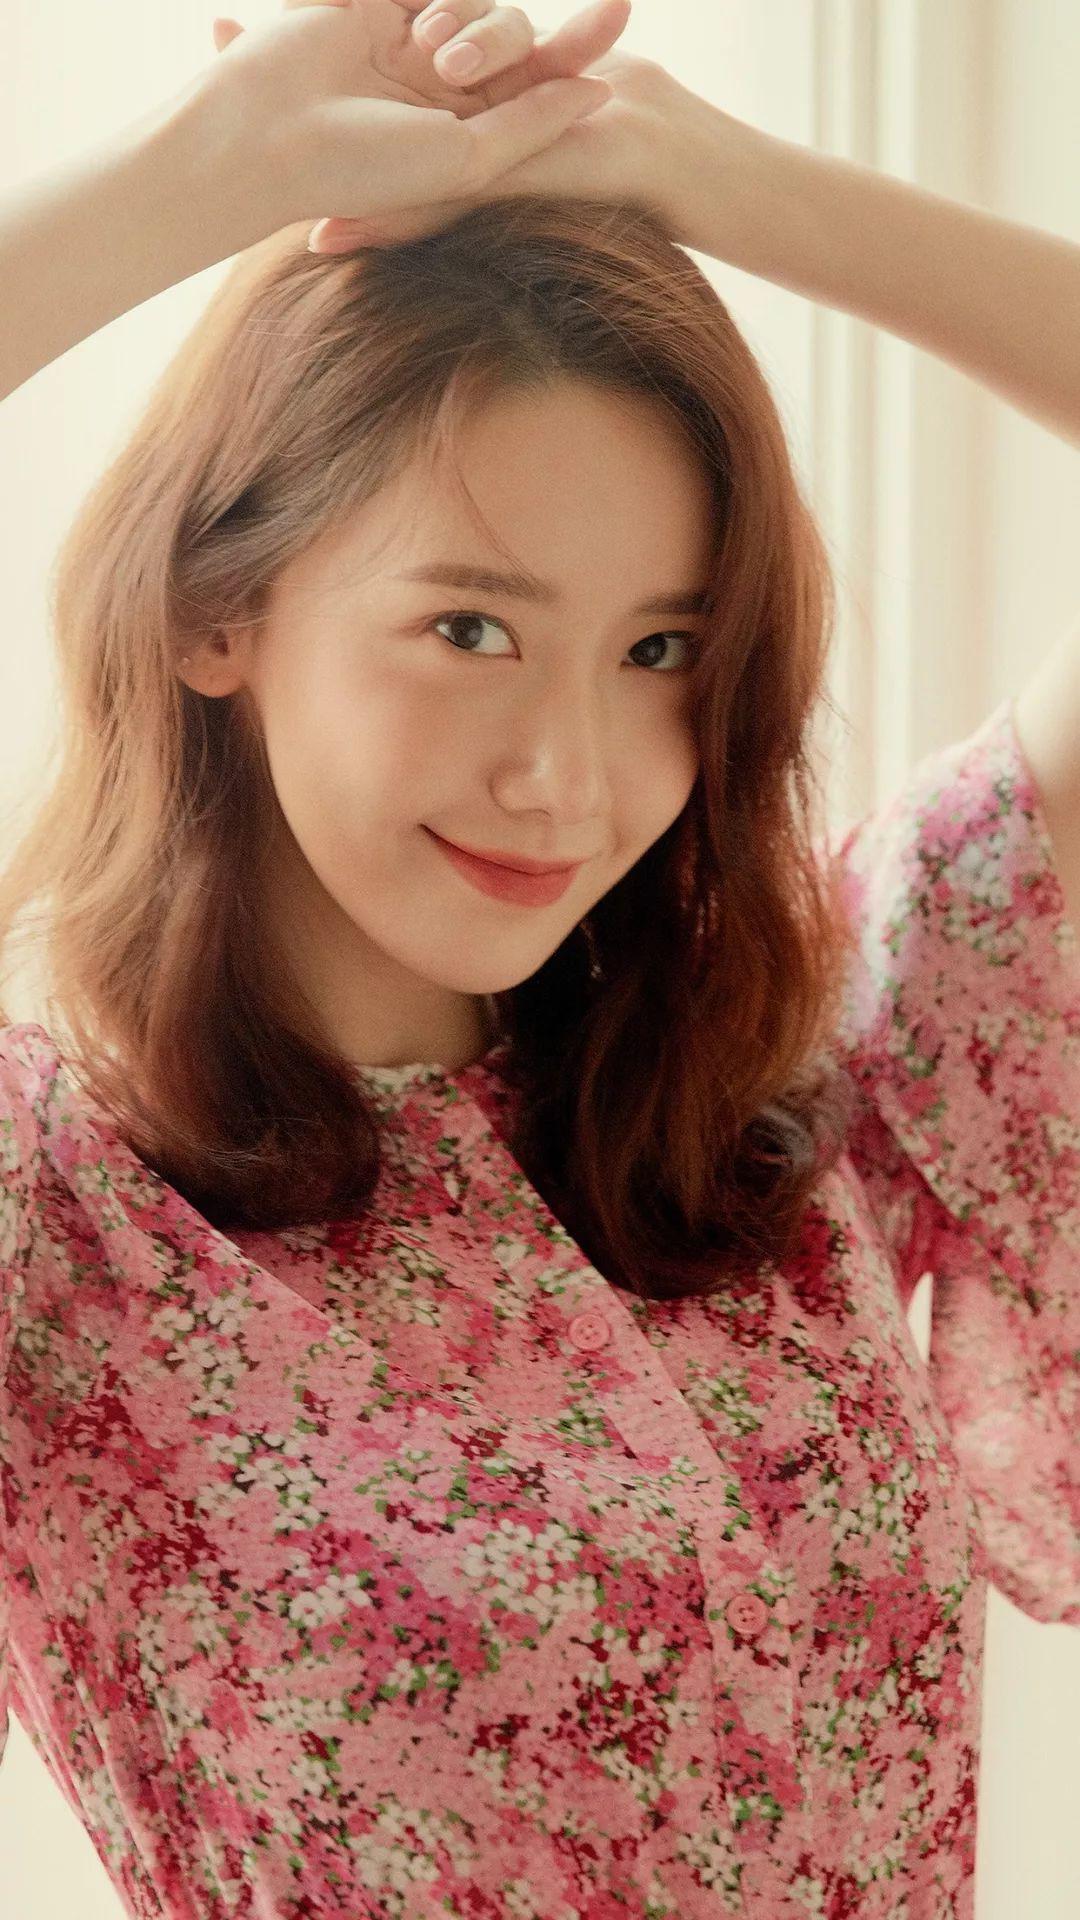 """Đẹp tự nhiên cỡ """"nữ thần"""" như Yoona cũng phải nghiêm túc chăm sóc da dẻ mỗi ngày với 4 tips sau - Ảnh 5."""